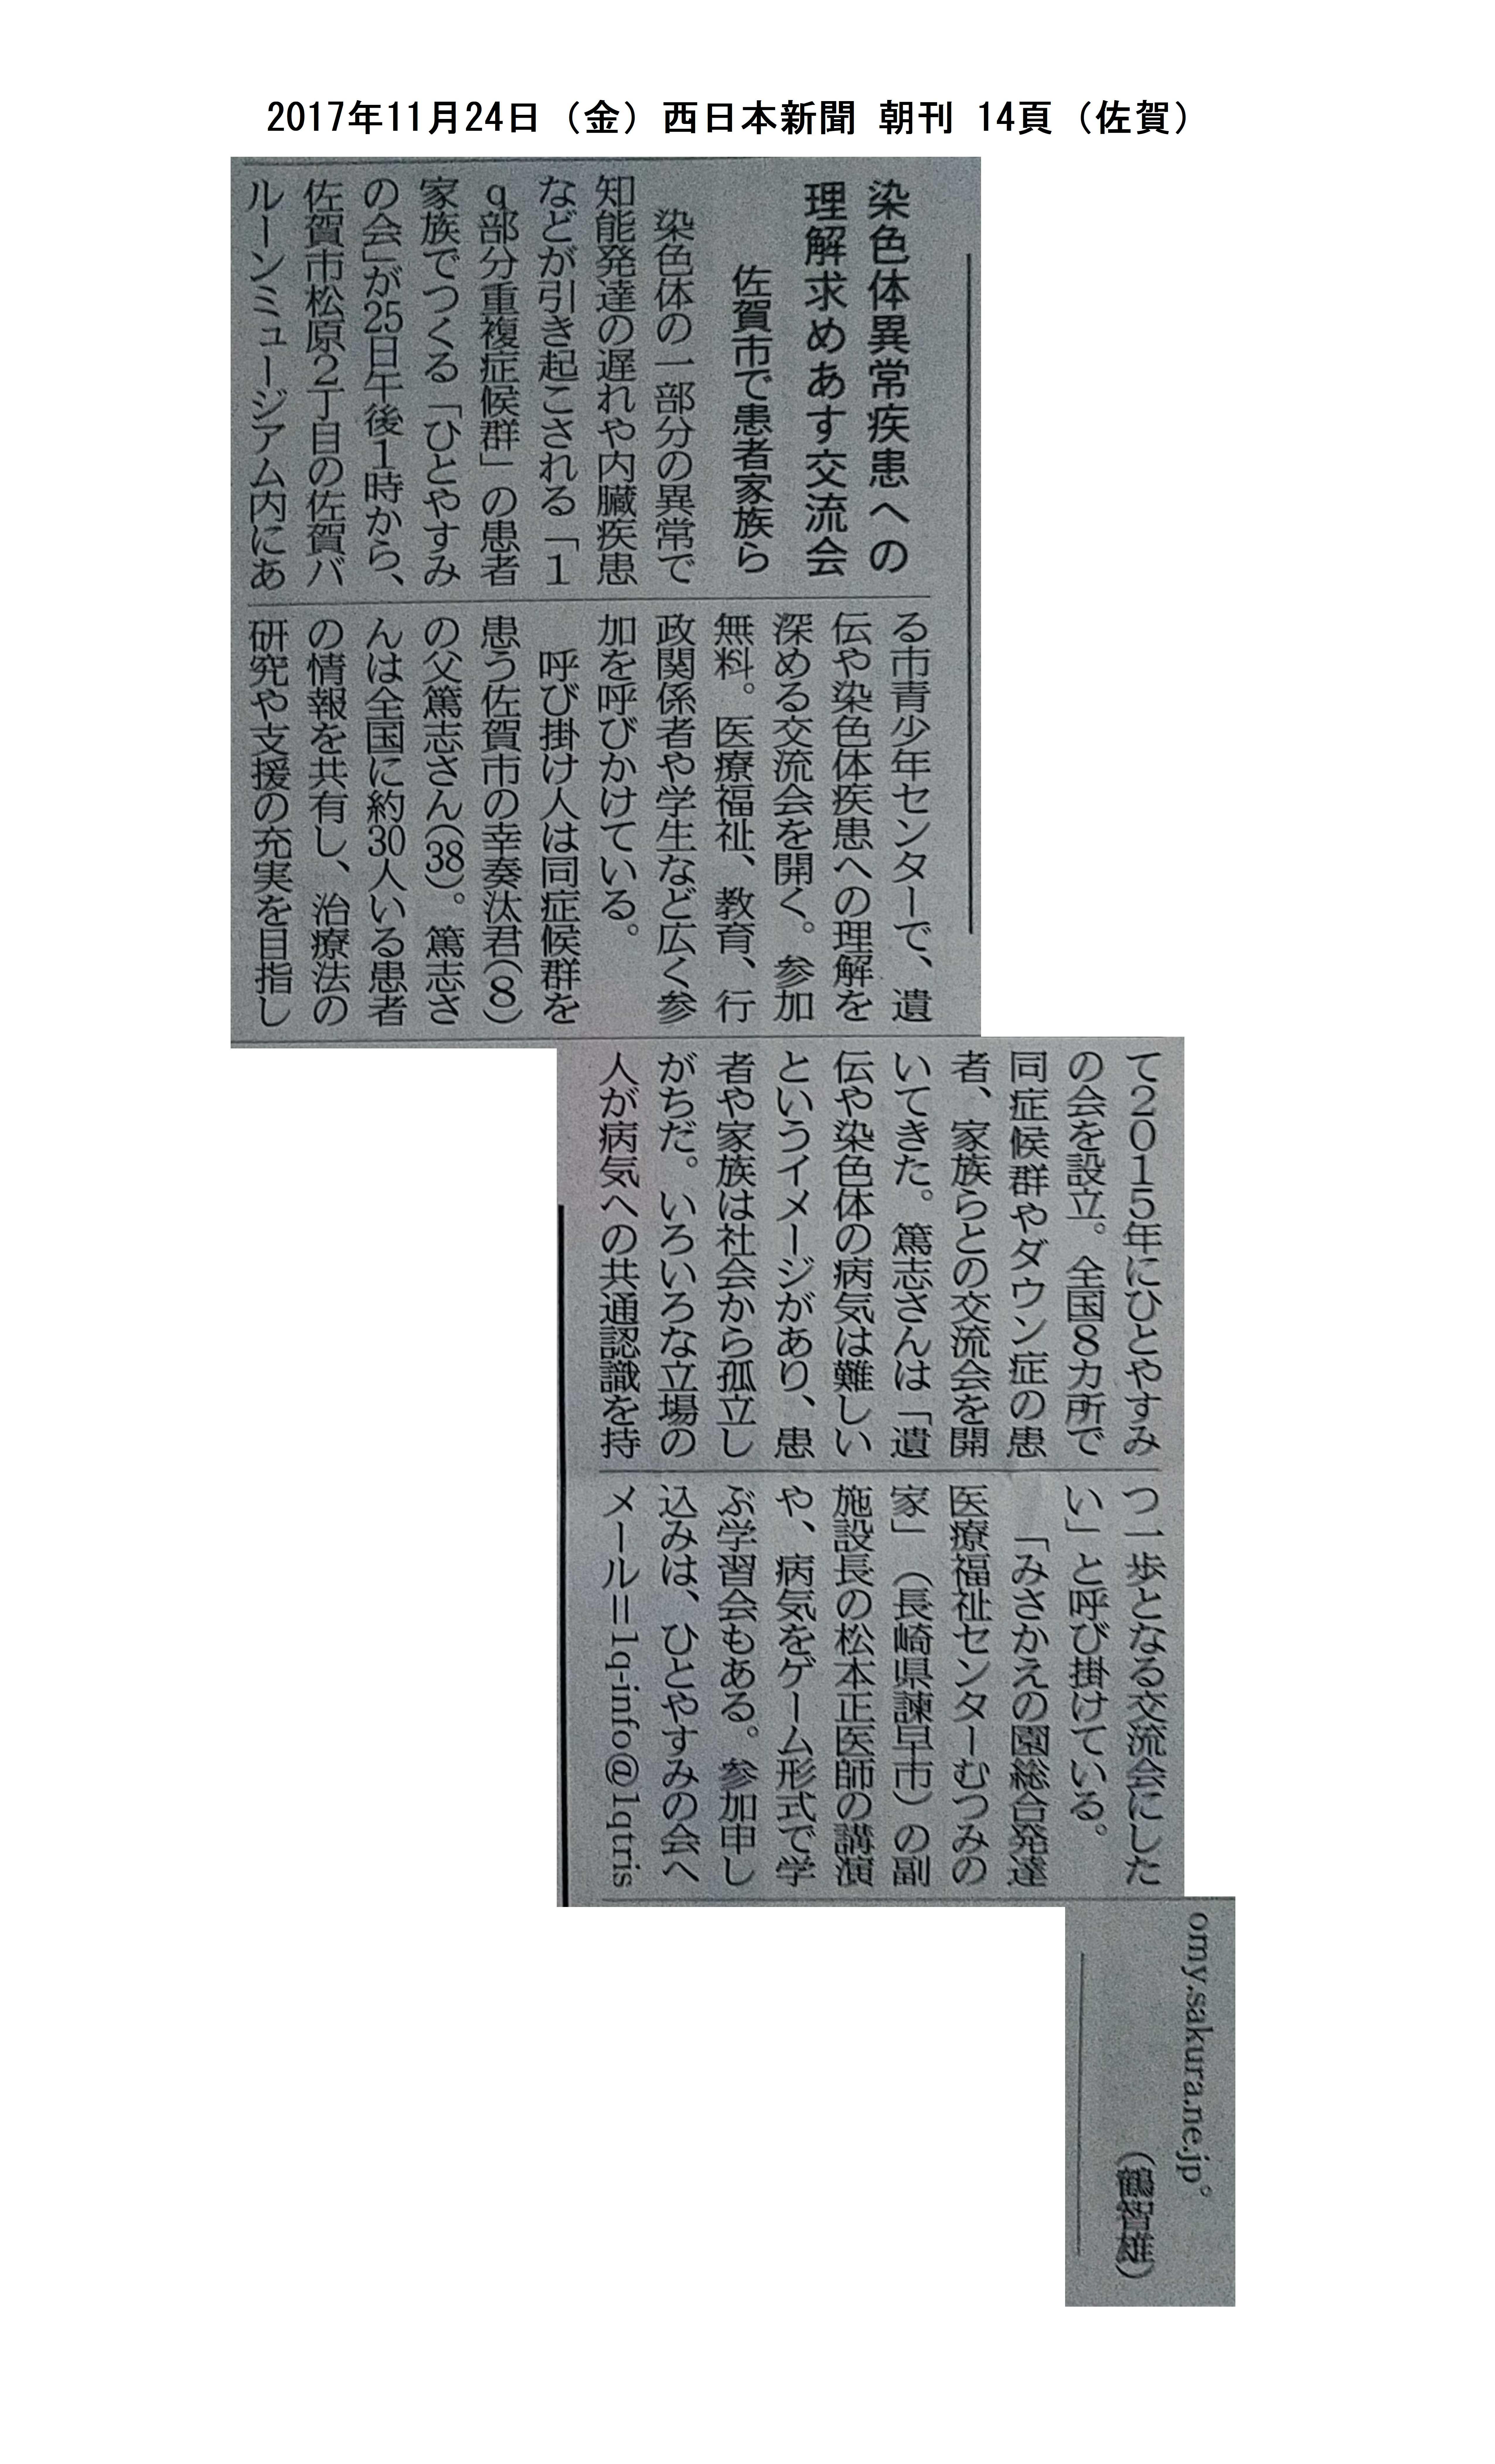 171124_西日本新聞朝刊14頁(佐賀)